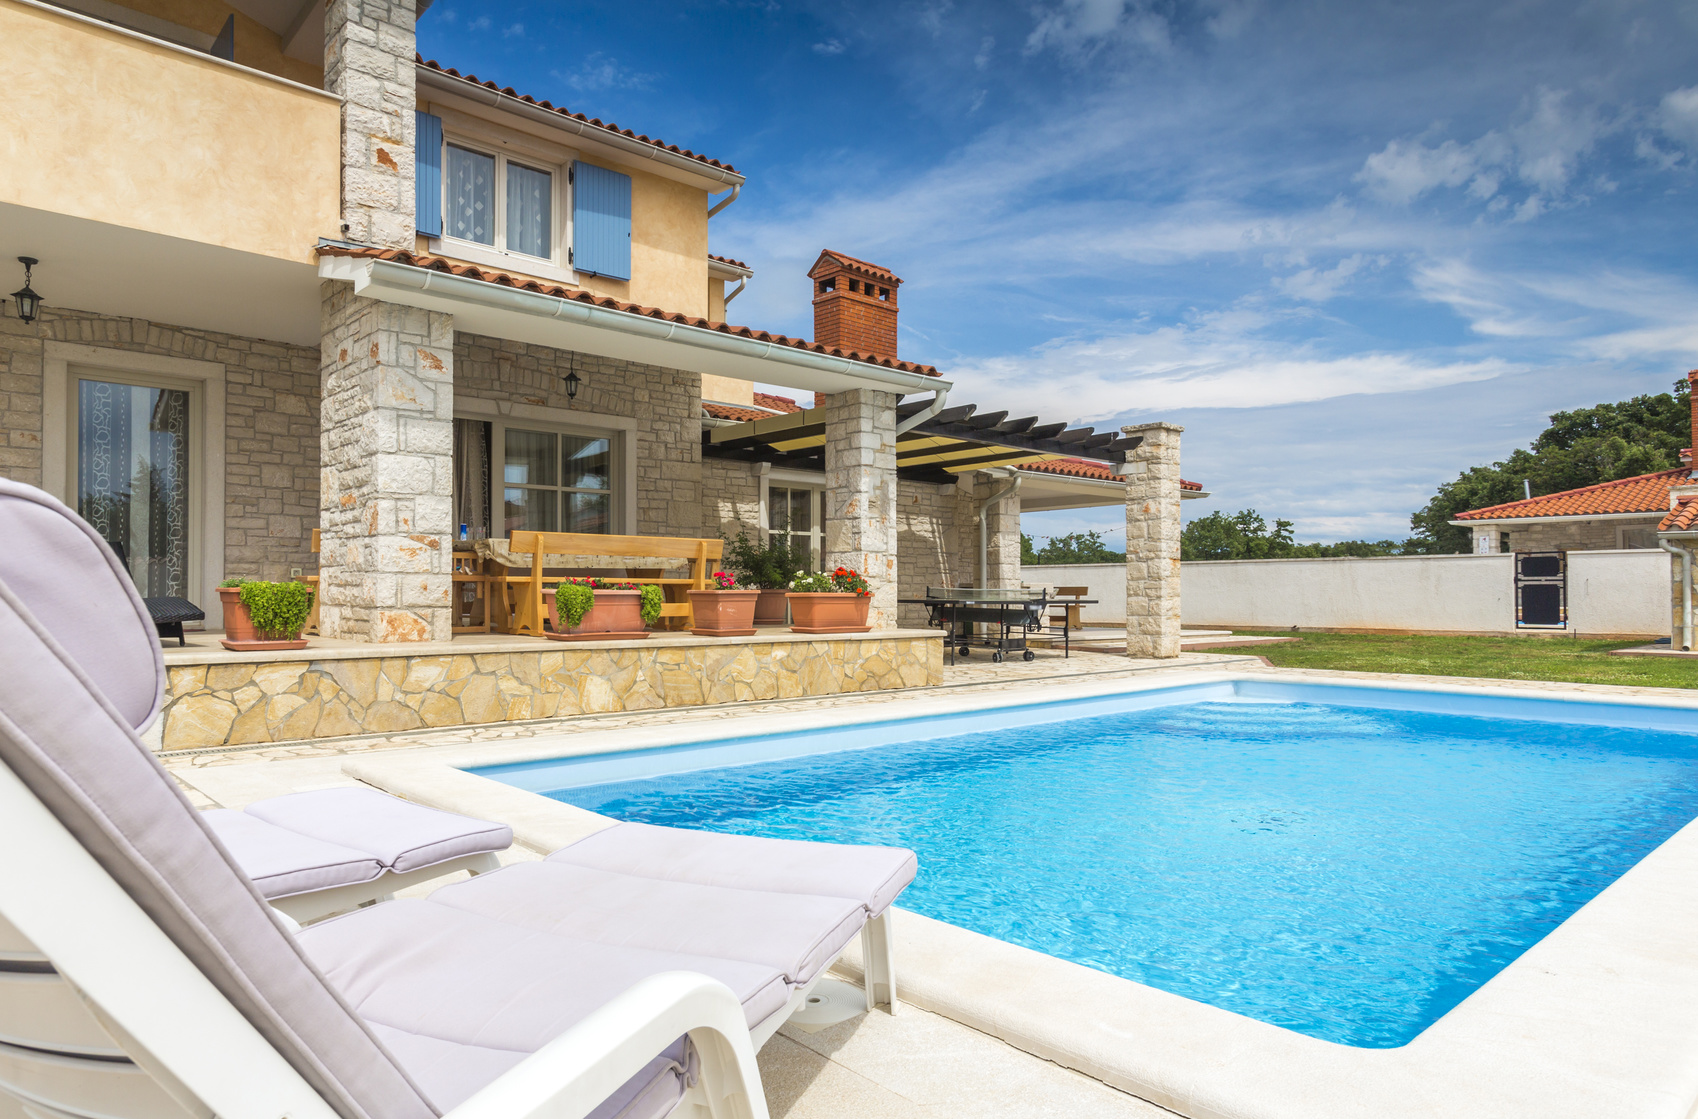 location vacances et assurance habitation